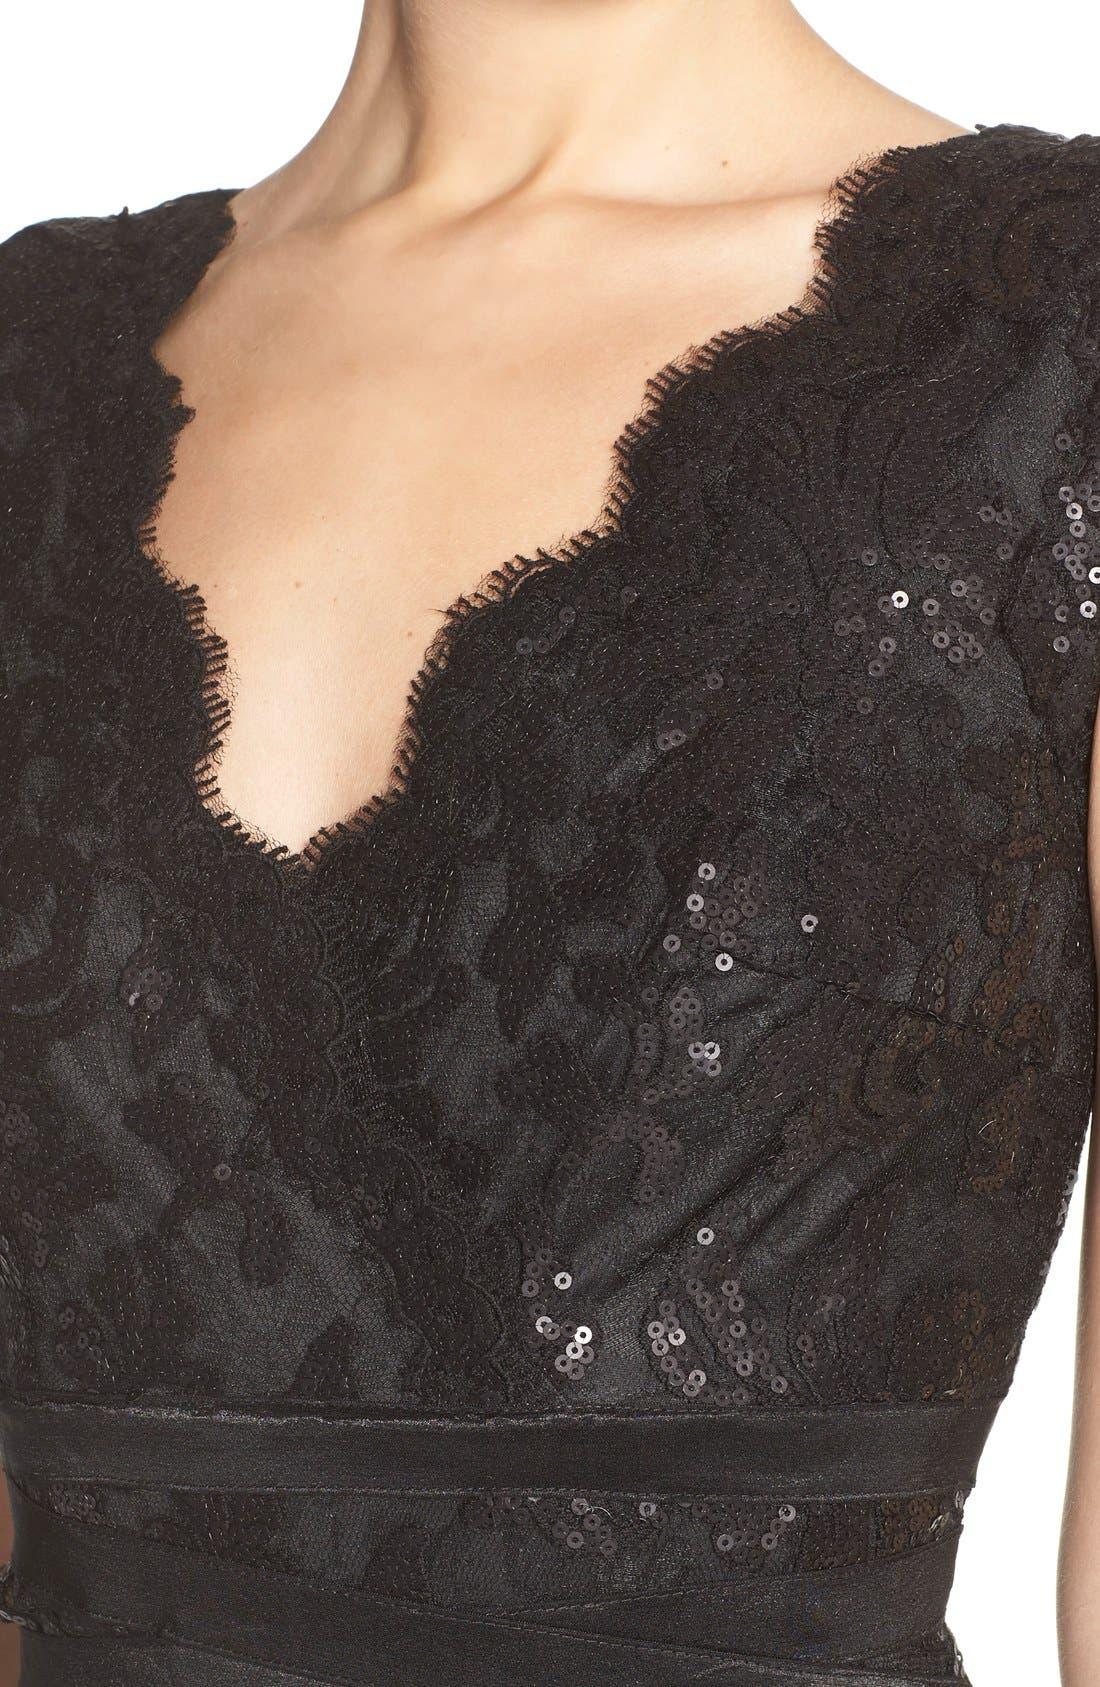 Sequin Lace Sheath Dress,                             Alternate thumbnail 2, color,                             001